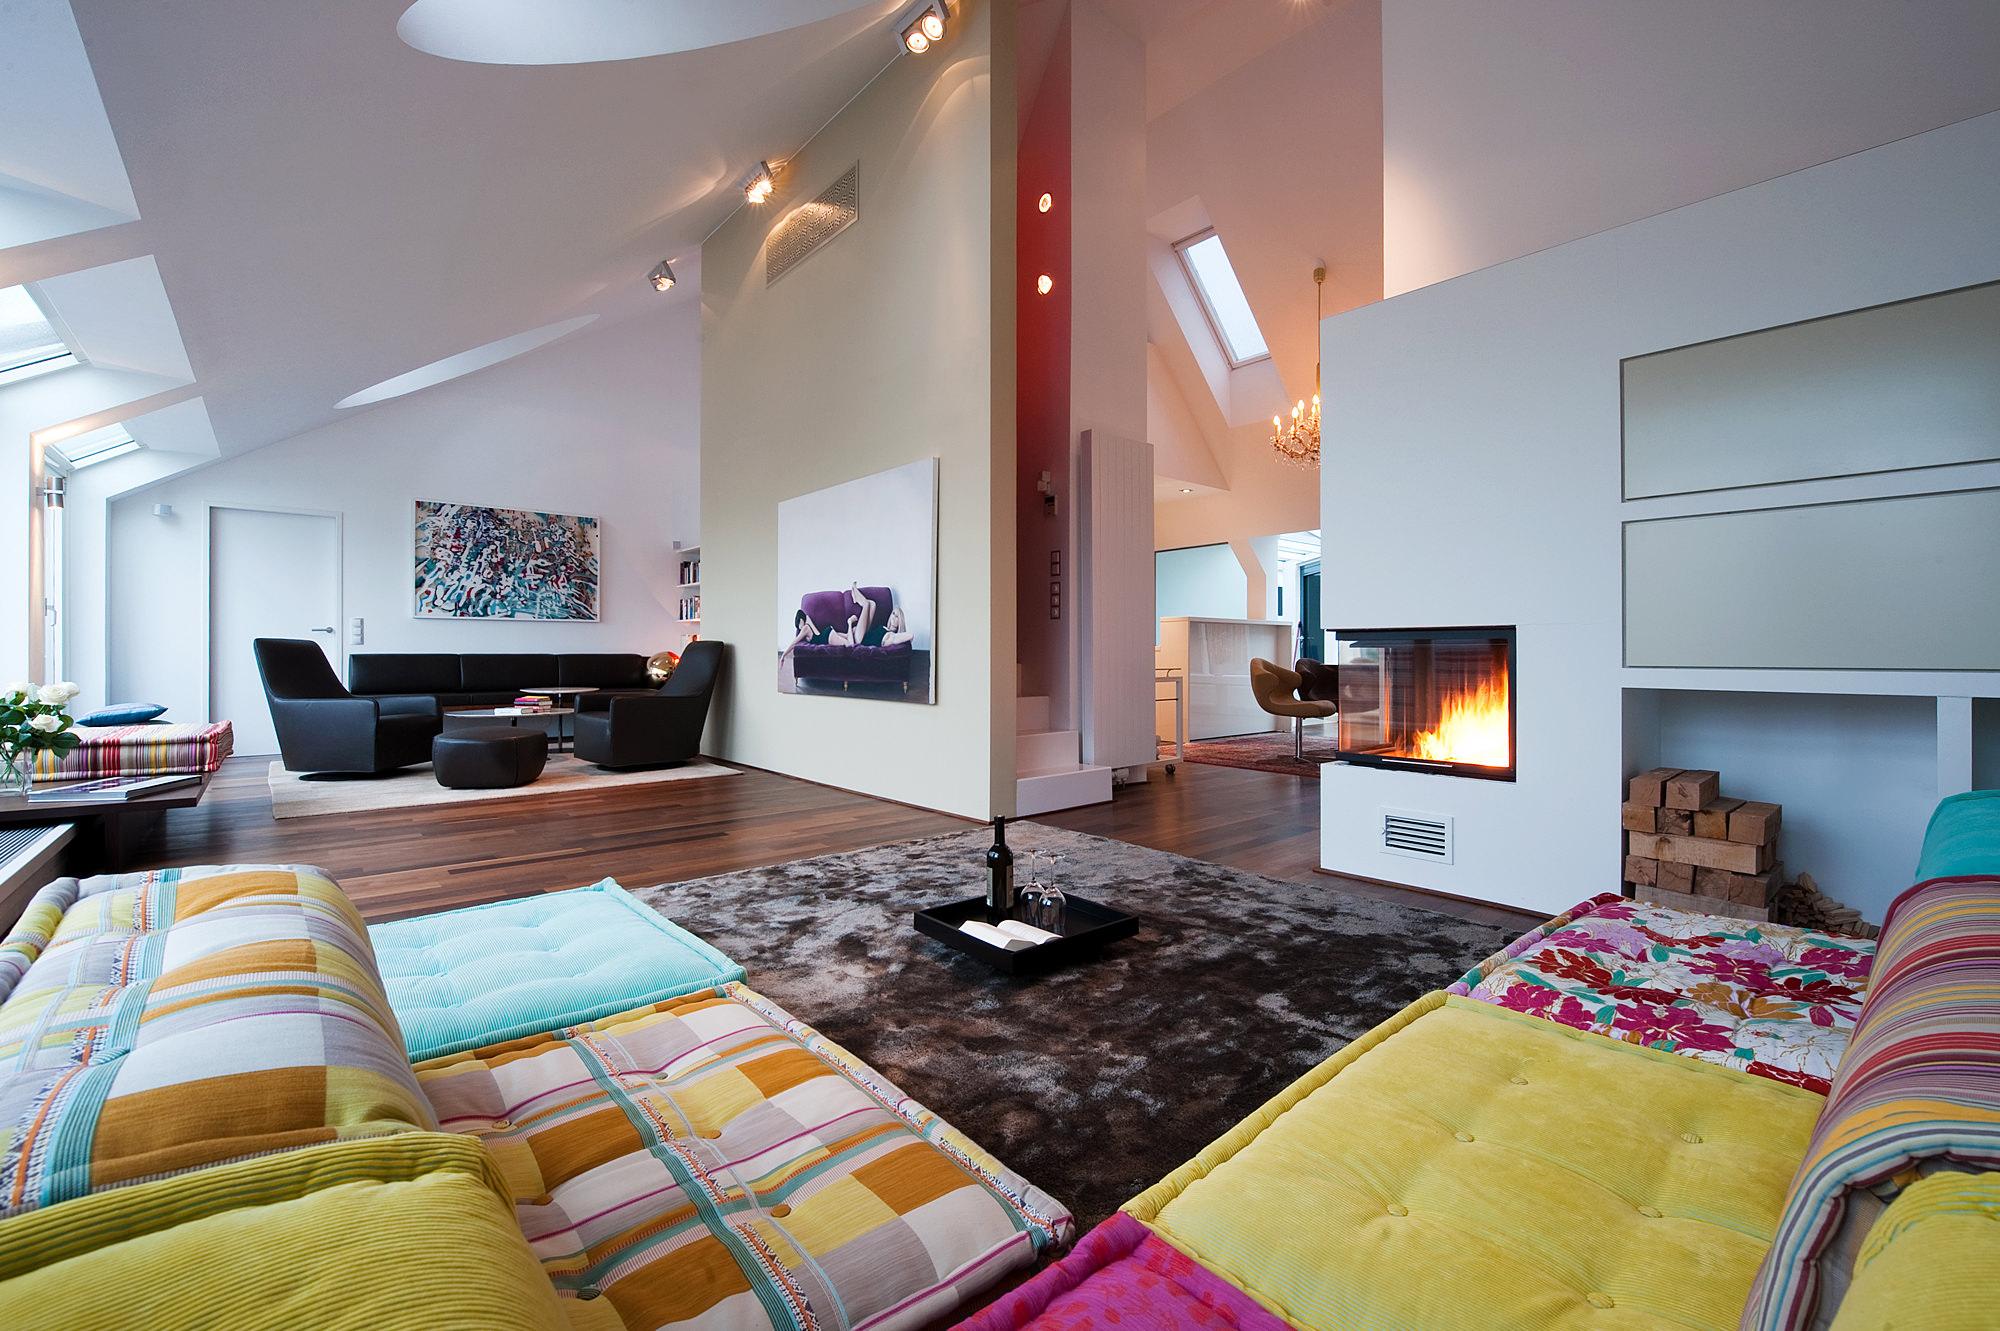 penthouse wien 4 02 umbau und innenraumgestaltung einer dachgeschosswohnung  junger beer architektur